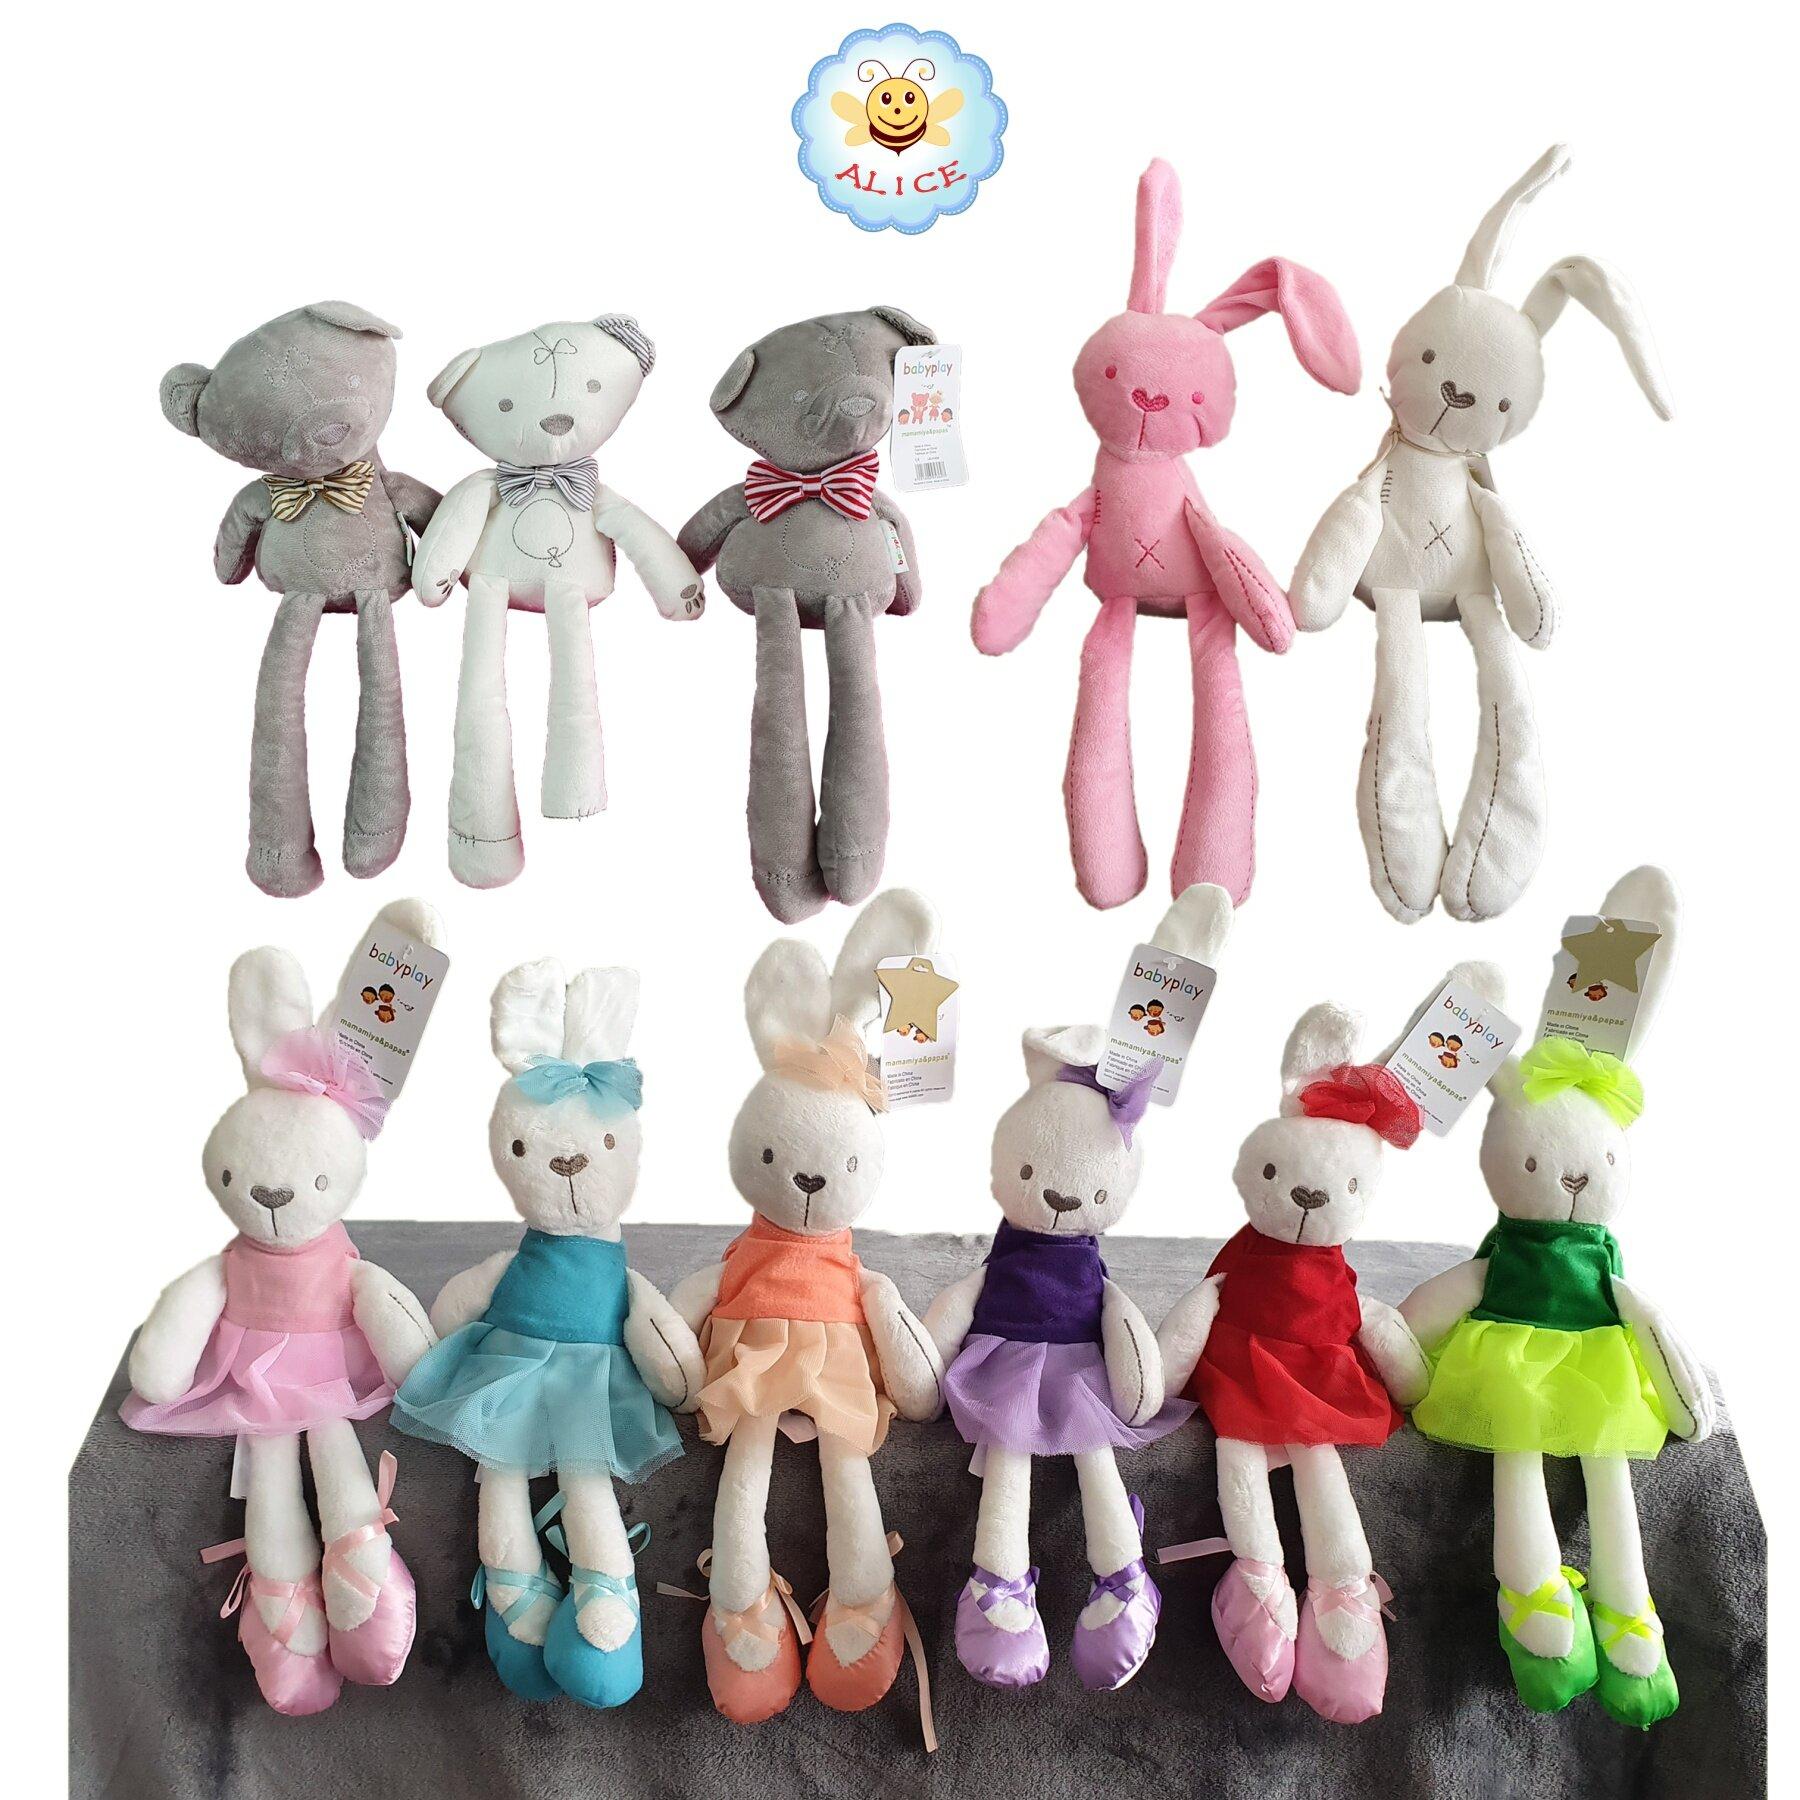 ตุ๊กตา กระต่ายเน่า หมีเน่า กระต่ายใส่ชุดบัลเล่ต์(ชุดถอดได้) นิ่มมาก ของเล่น Rabbit Bear Toy Doll Alicdolly.